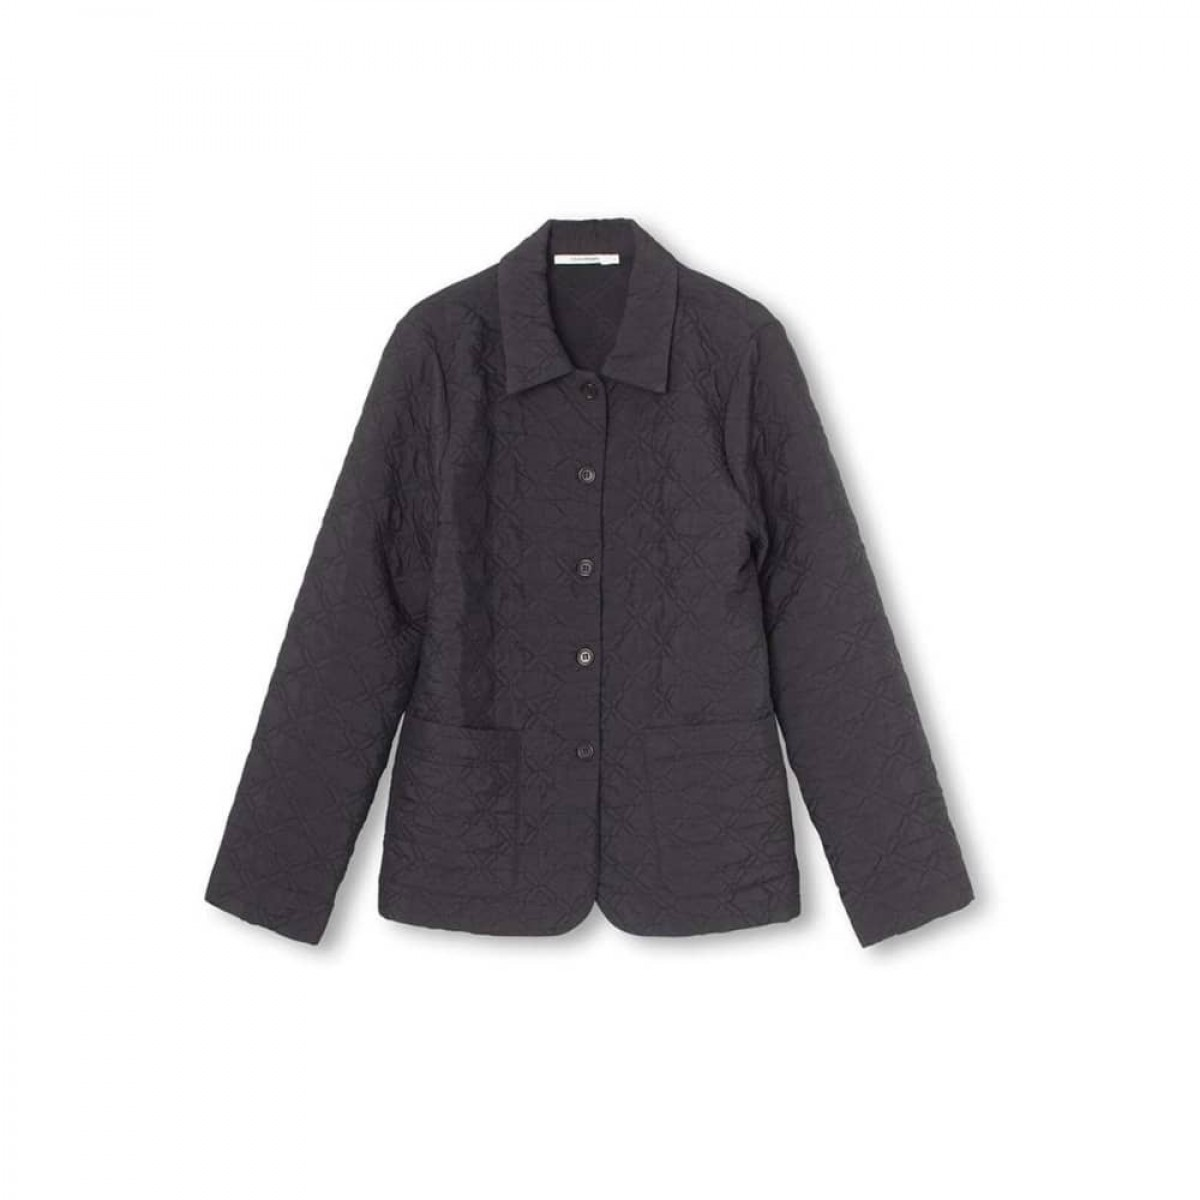 amanda jacket - black - front